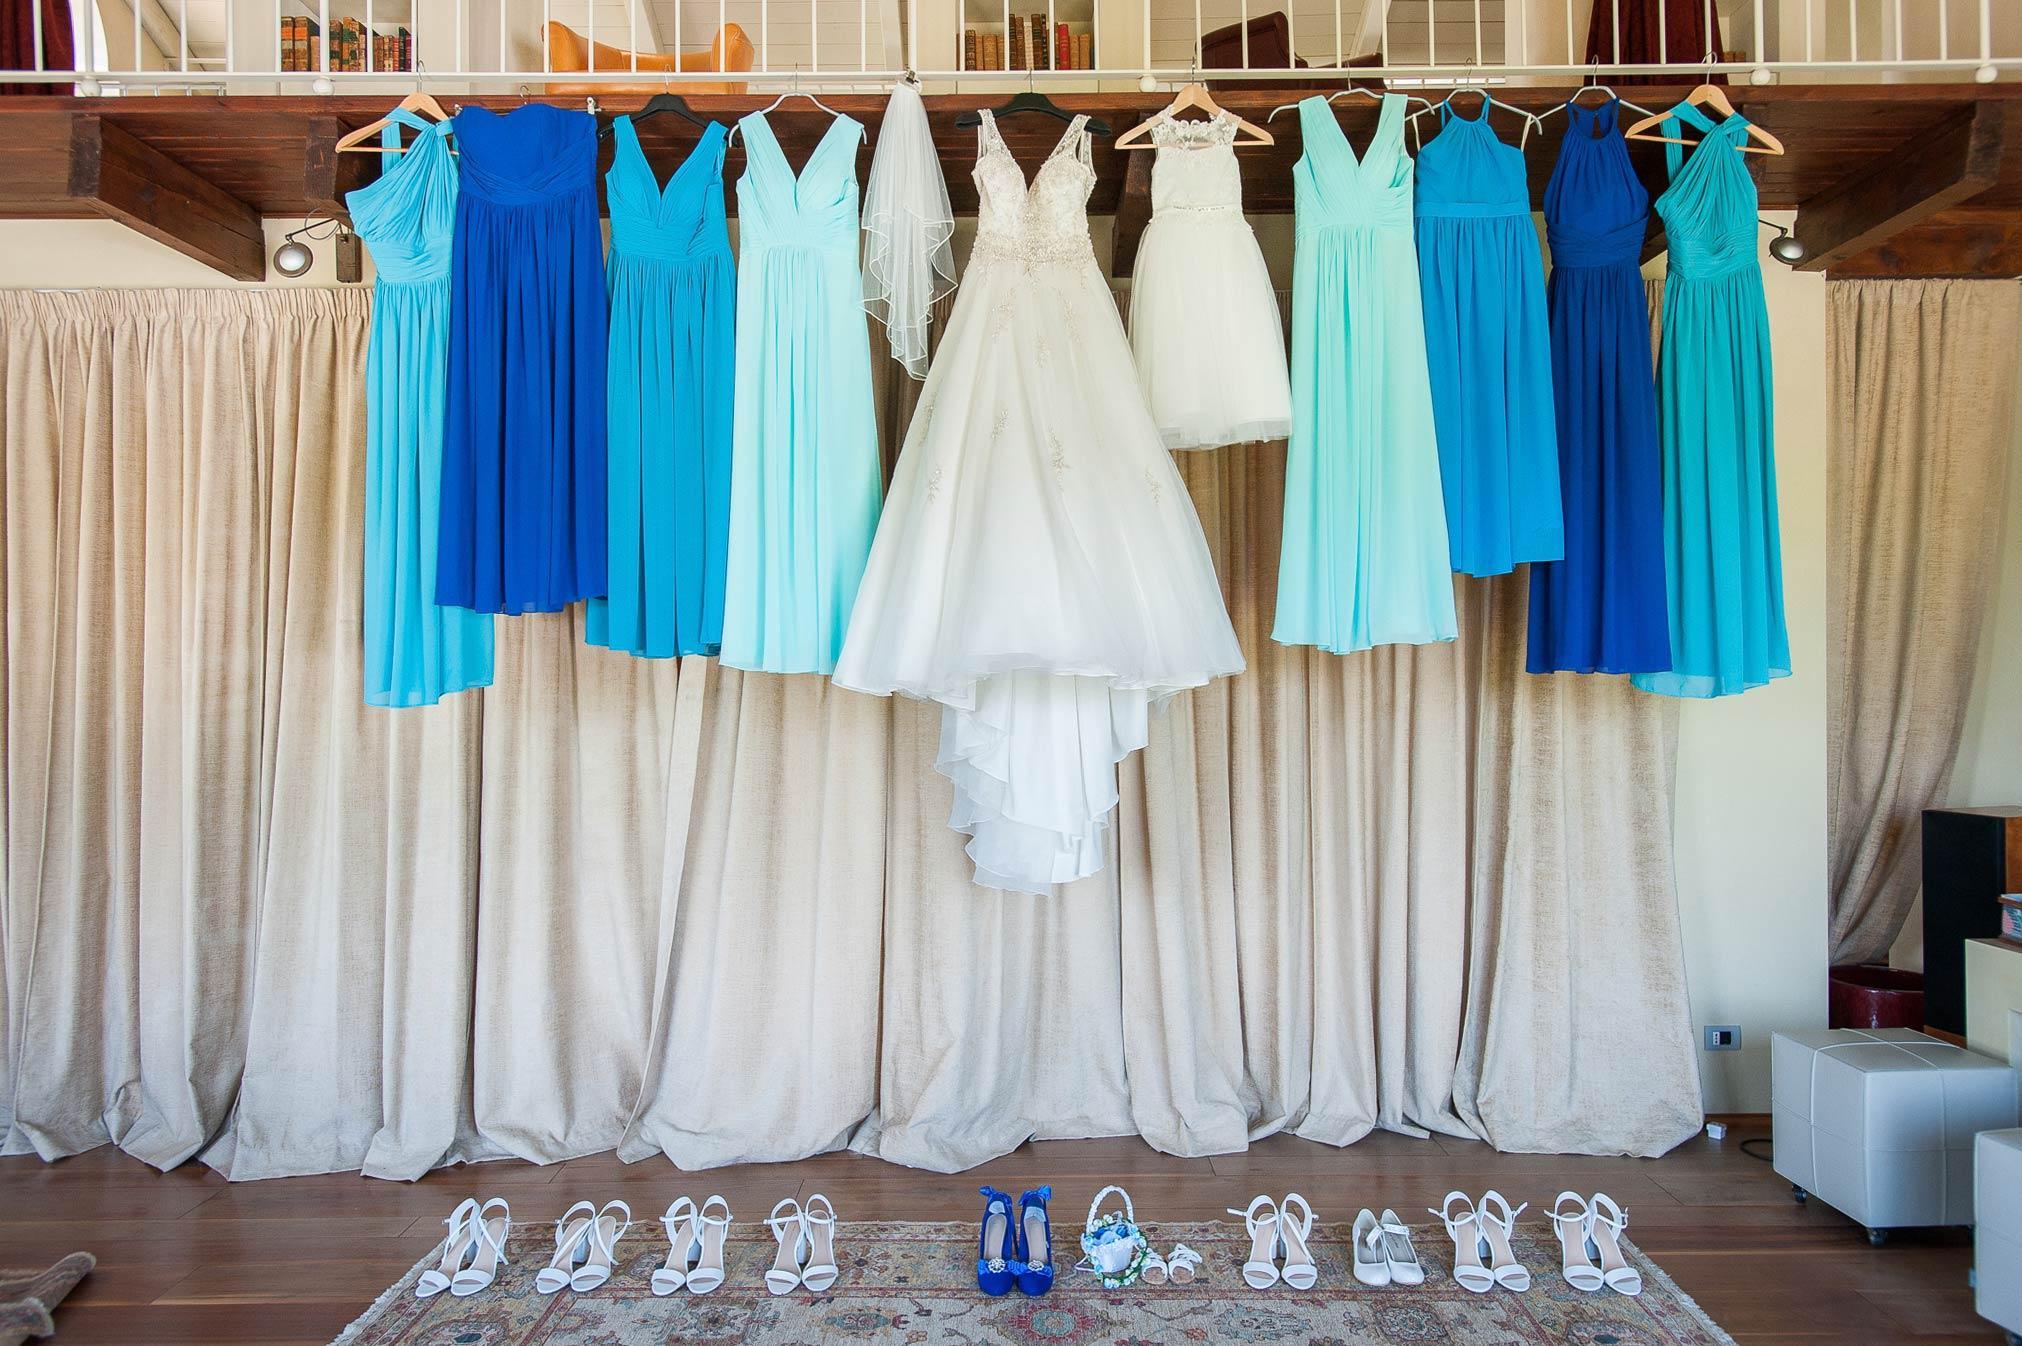 Matrimonio Nel Monferrato Dionne Dale - Wdding Matrimono Emanuele Tibaldi Fotografo 22 2 - Fotografo-Matrimonio-Asti-abito-sposa - Fotografo-Matrimonio-Asti-abito-sposa